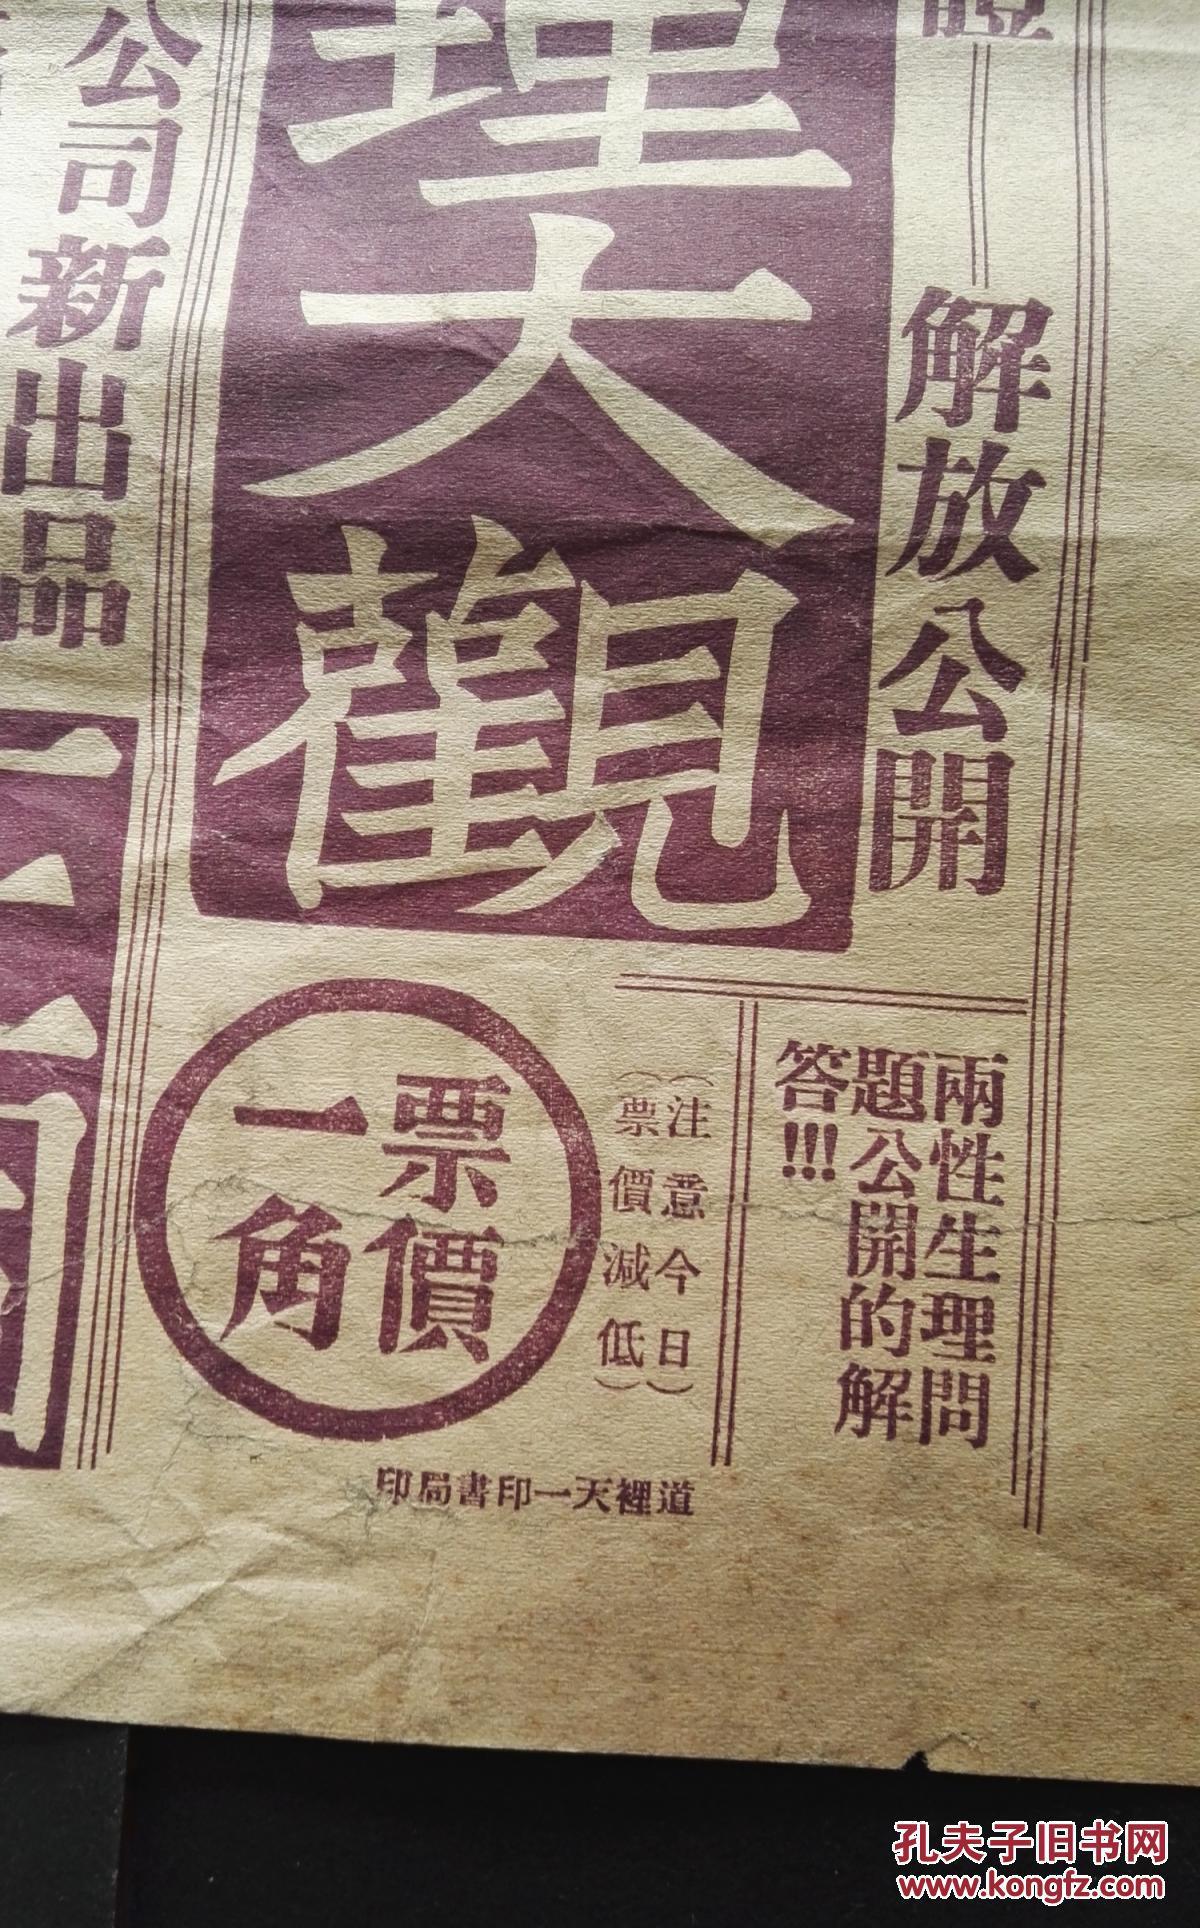 亚洲色片免费_民国电影史料,哈尔滨的【亚洲大戏院】,情色电影老广告,赤裸裸的暗示